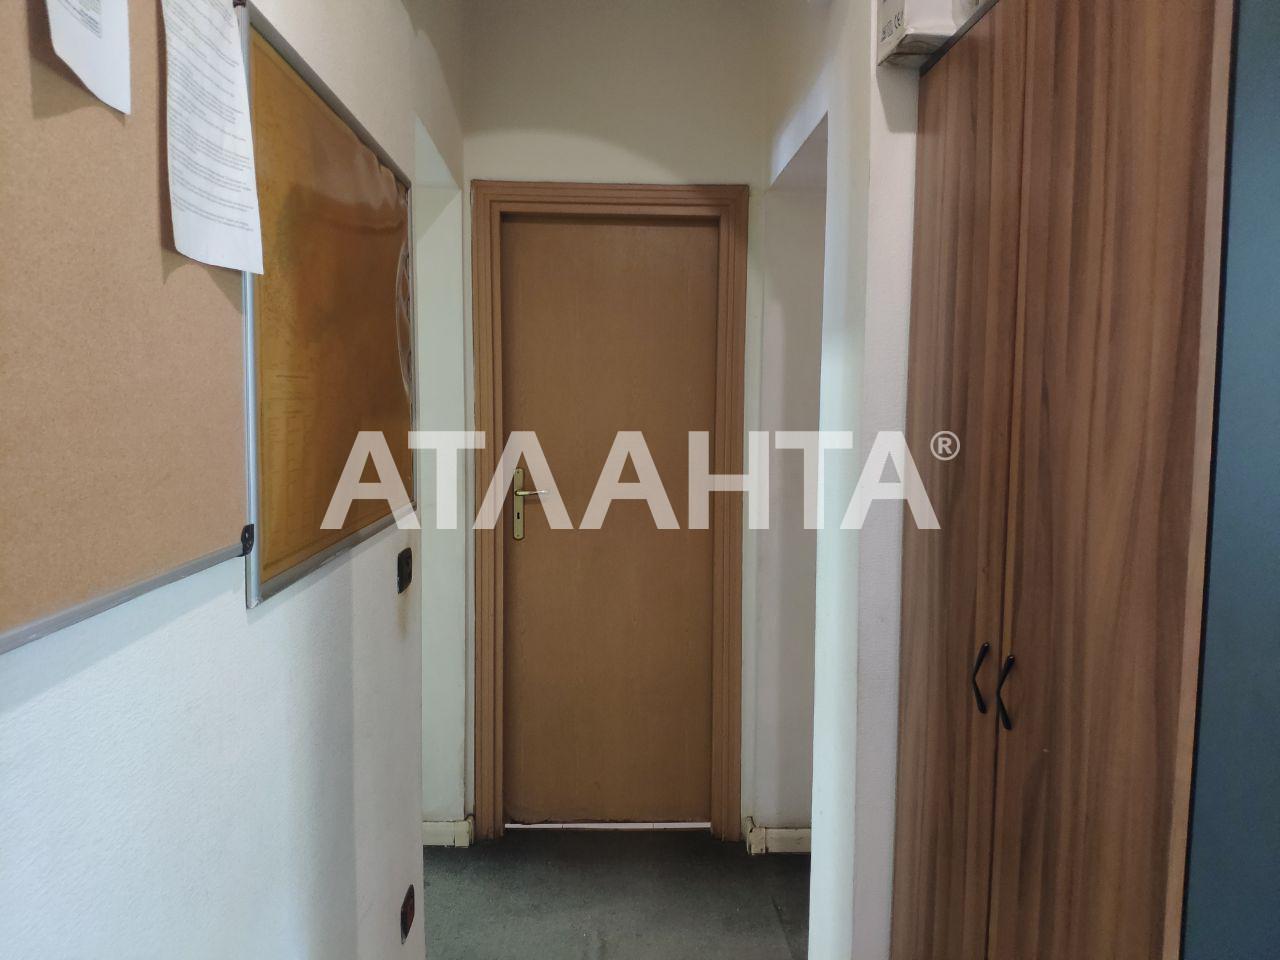 Продается 3-комнатная Квартира на ул. Бунина (Розы Люксембург) — 65 000 у.е. (фото №6)